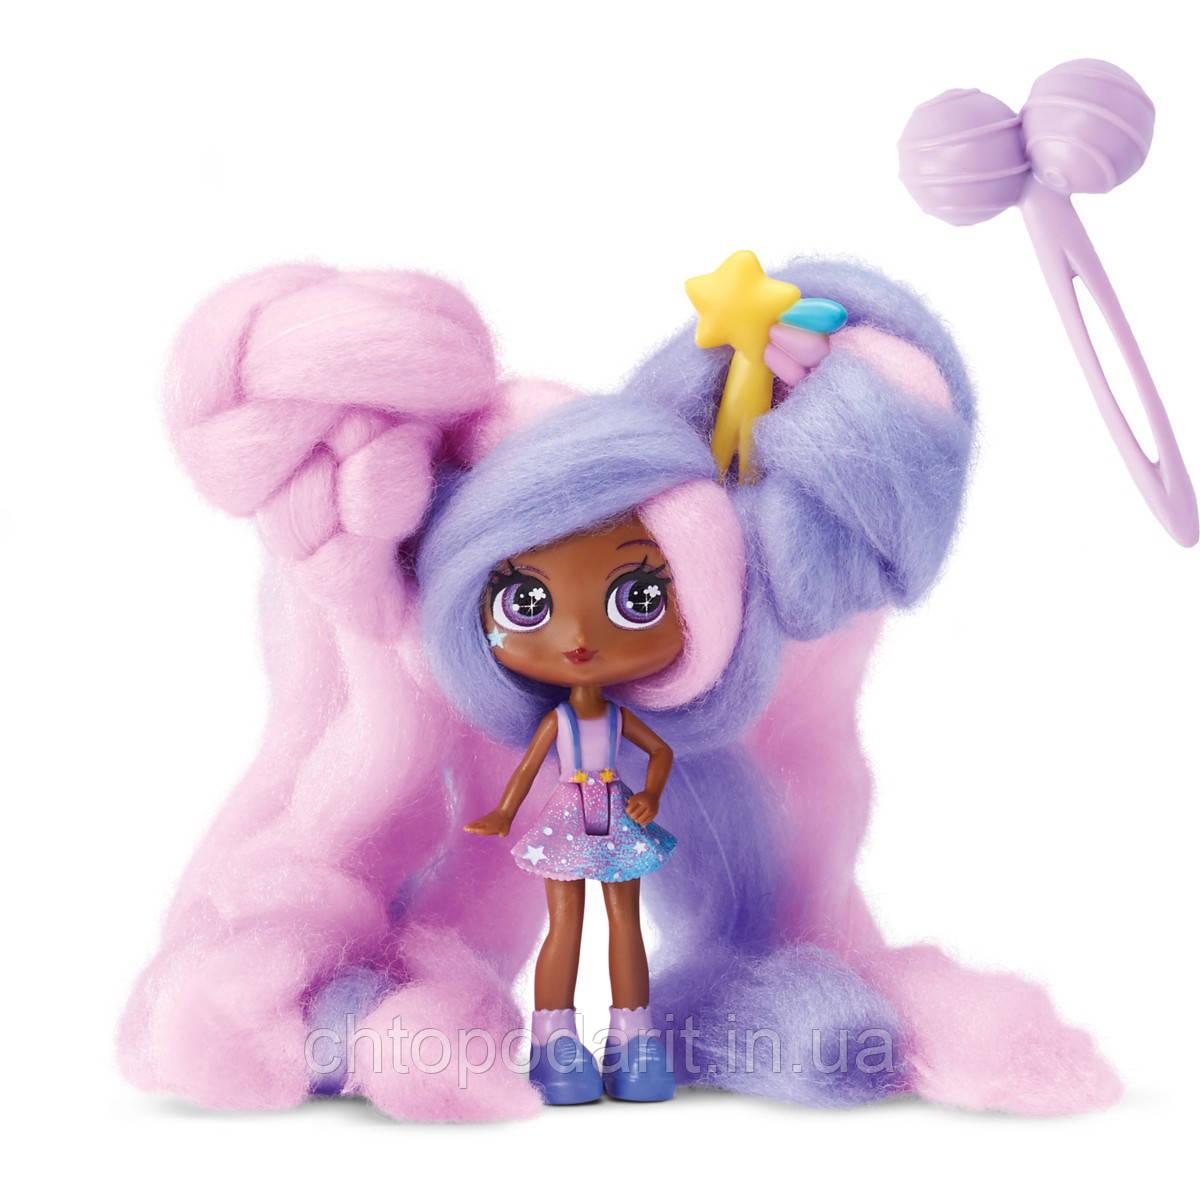 """Кукла """"Кендилукс сладкая вата"""" Candylocks с цветными волосами Код 12-2252"""